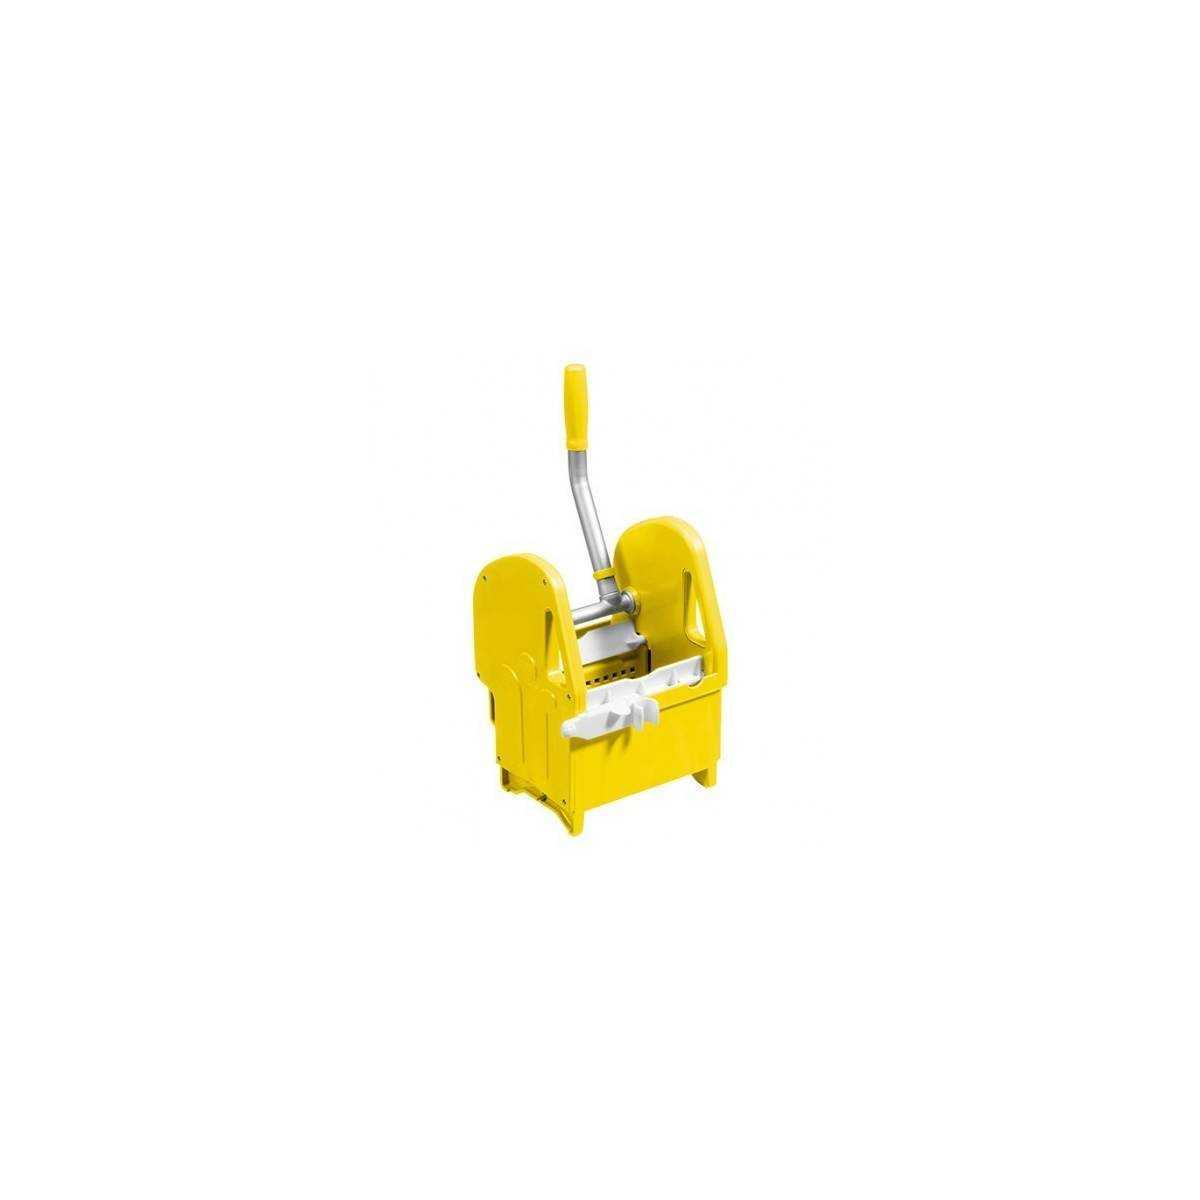 Отжим Tec (Желтого цвета) 00003722 TTS